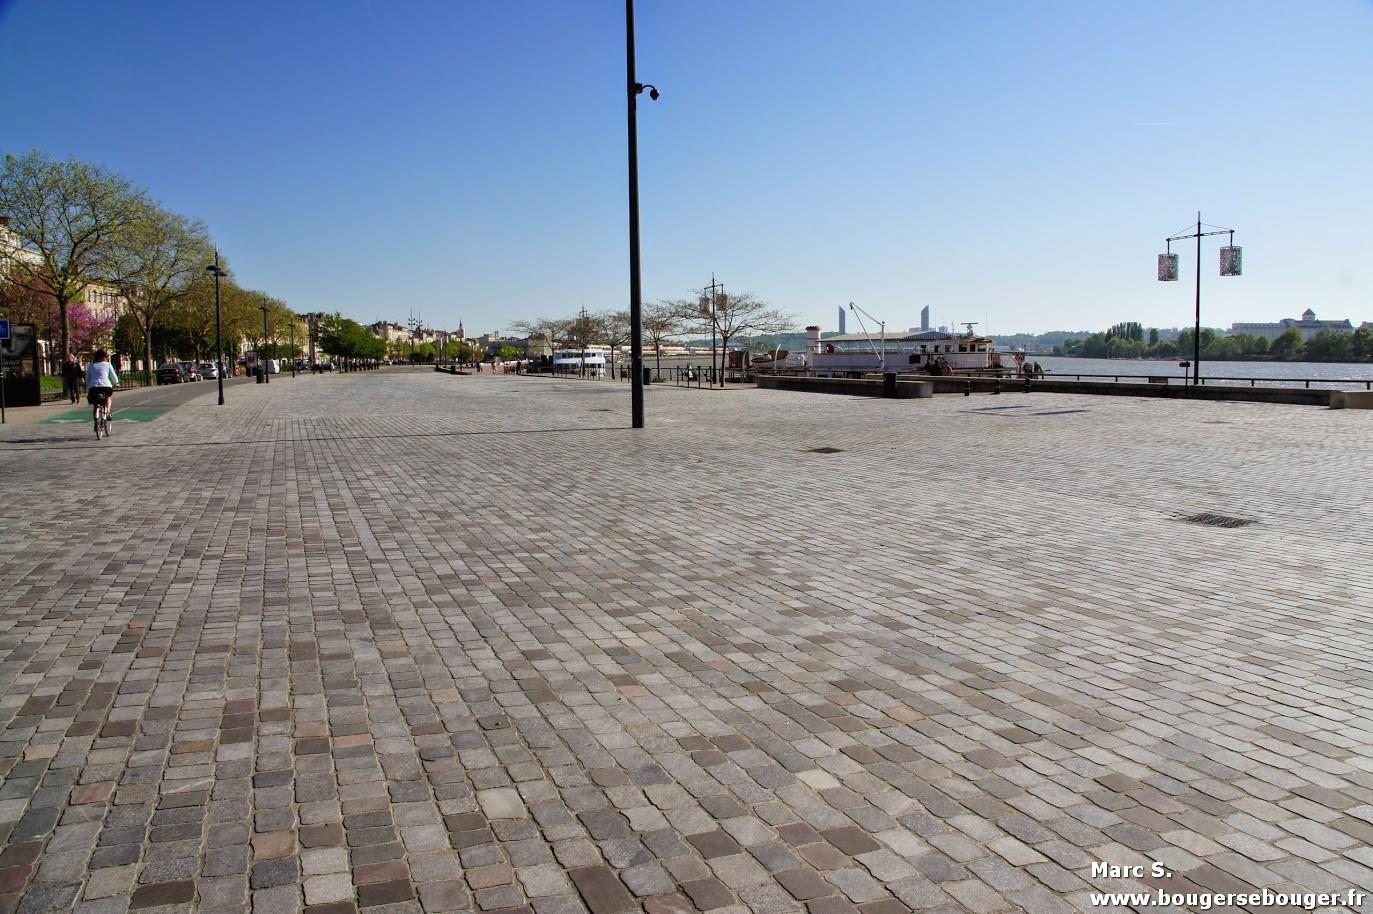 Lors d'une rando vélo entre Charentes, Saintonge et Médoc, passage à Bordeaux. La ville réaménagée est très agréable.